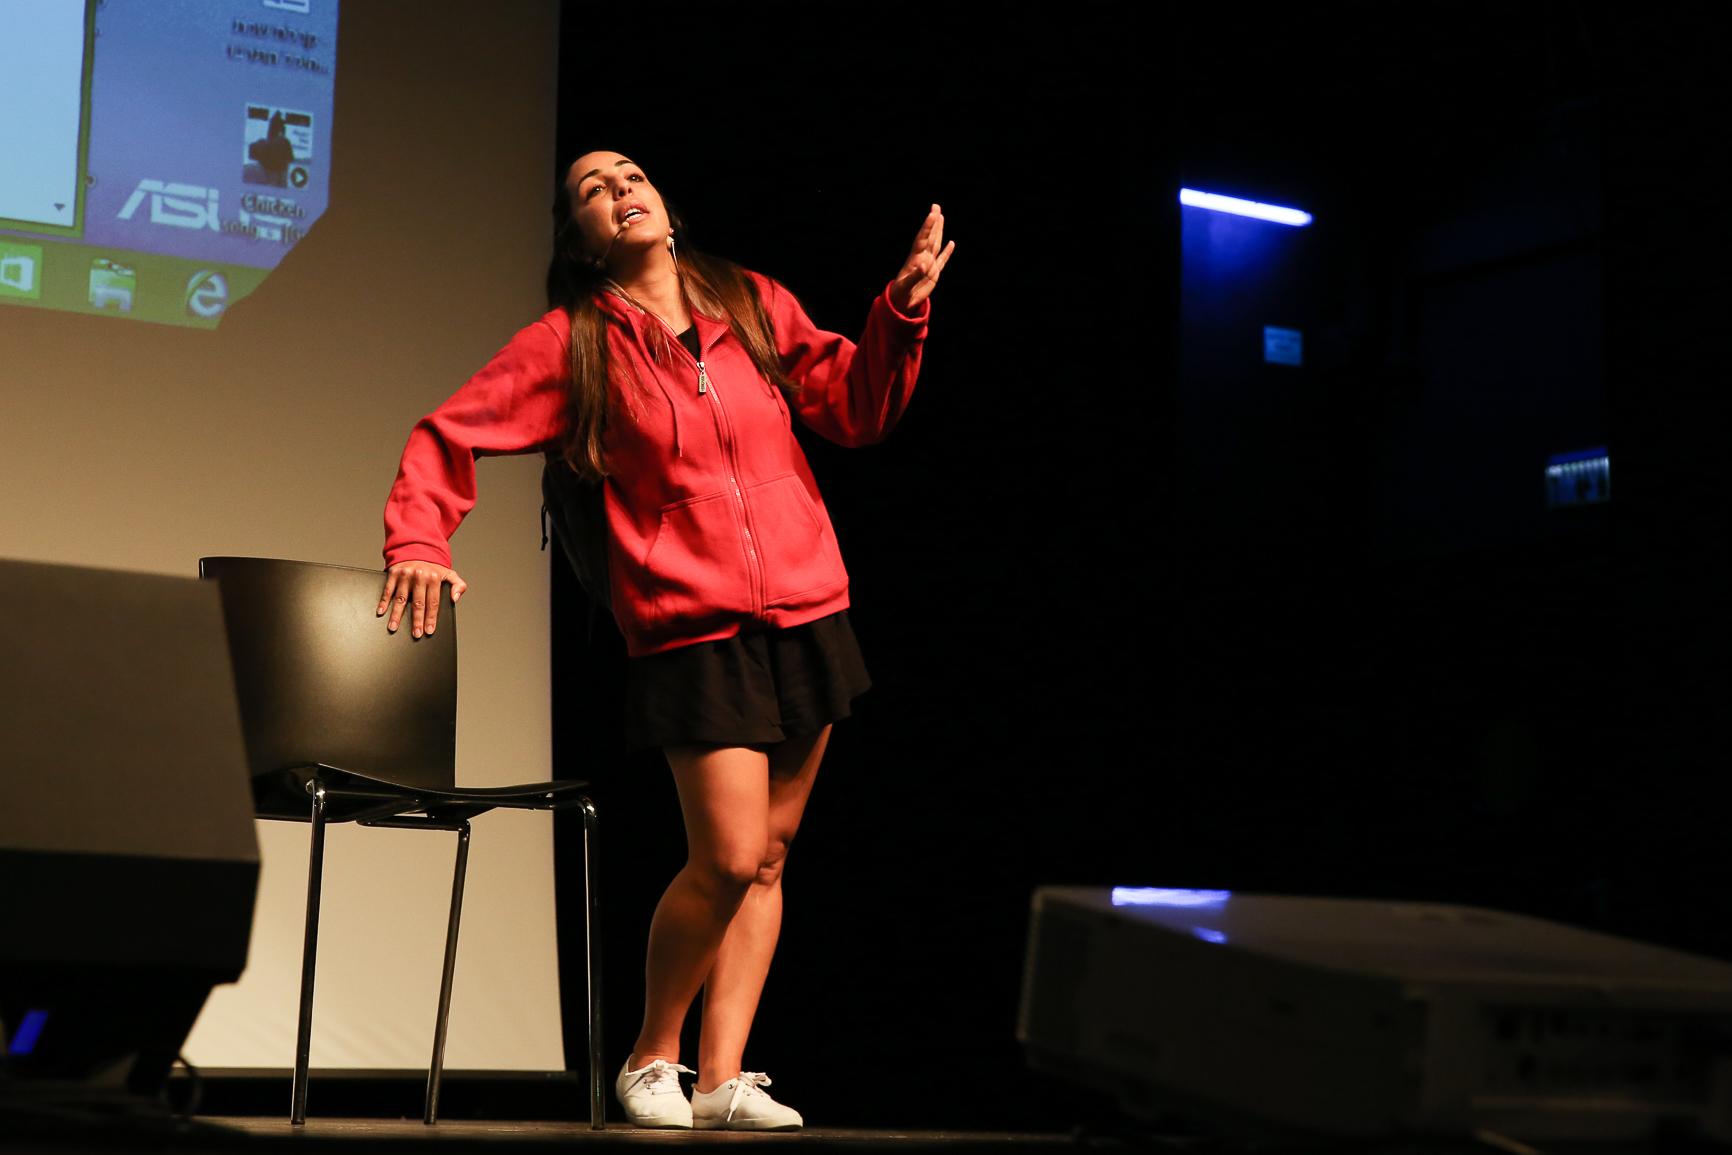 הDNA מור ענטר שחקנית תיאטרון אורנה פורת לילדים ונוער. צילום - נורית מוזס